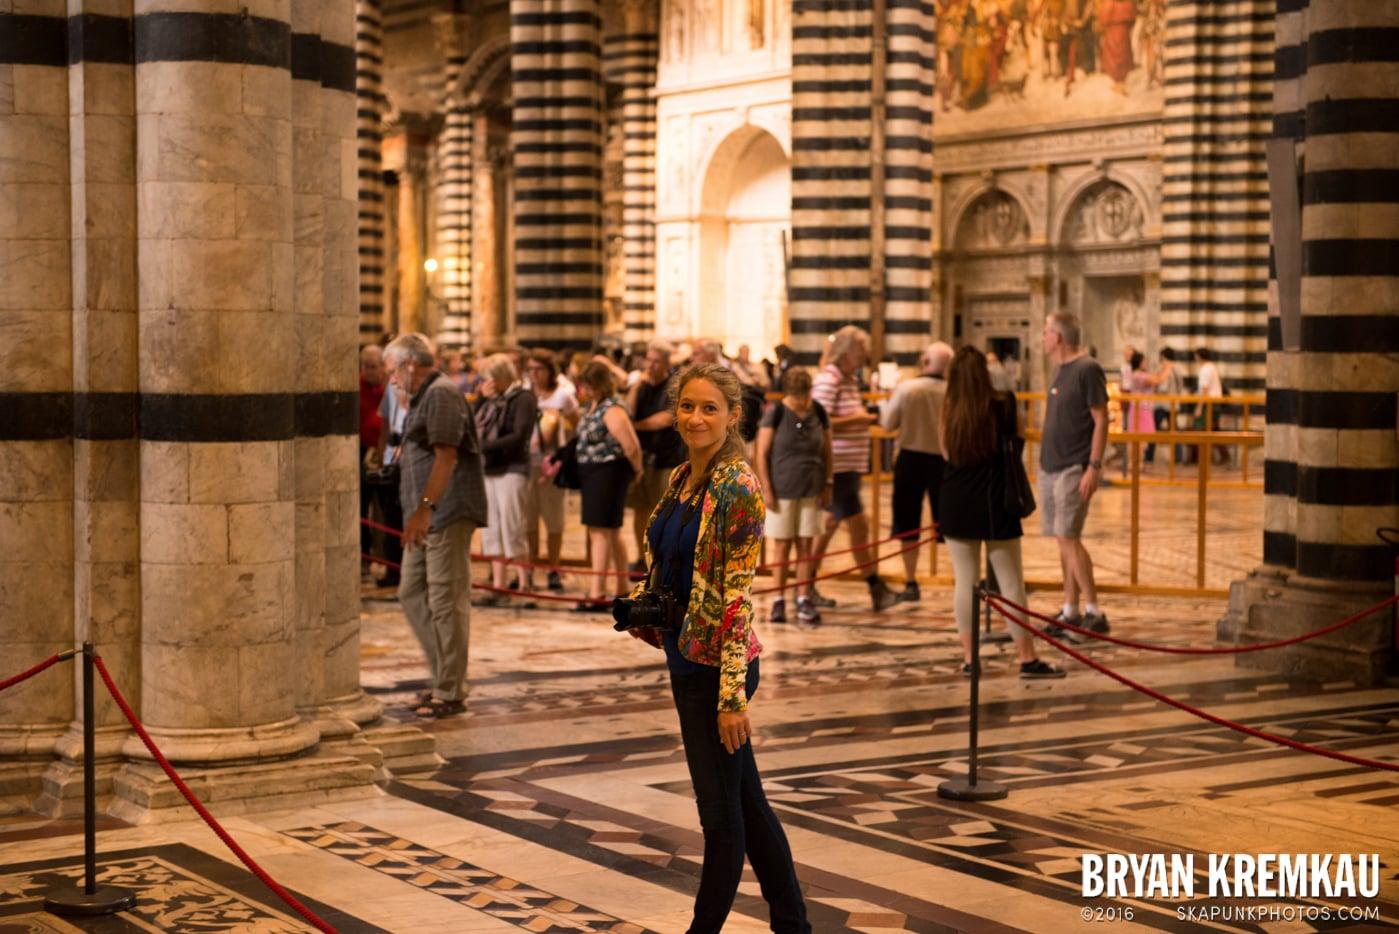 Italy Vacation - Day 8: Siena, San Gimignano, Chianti, Pisa - 9.16.13 (125)